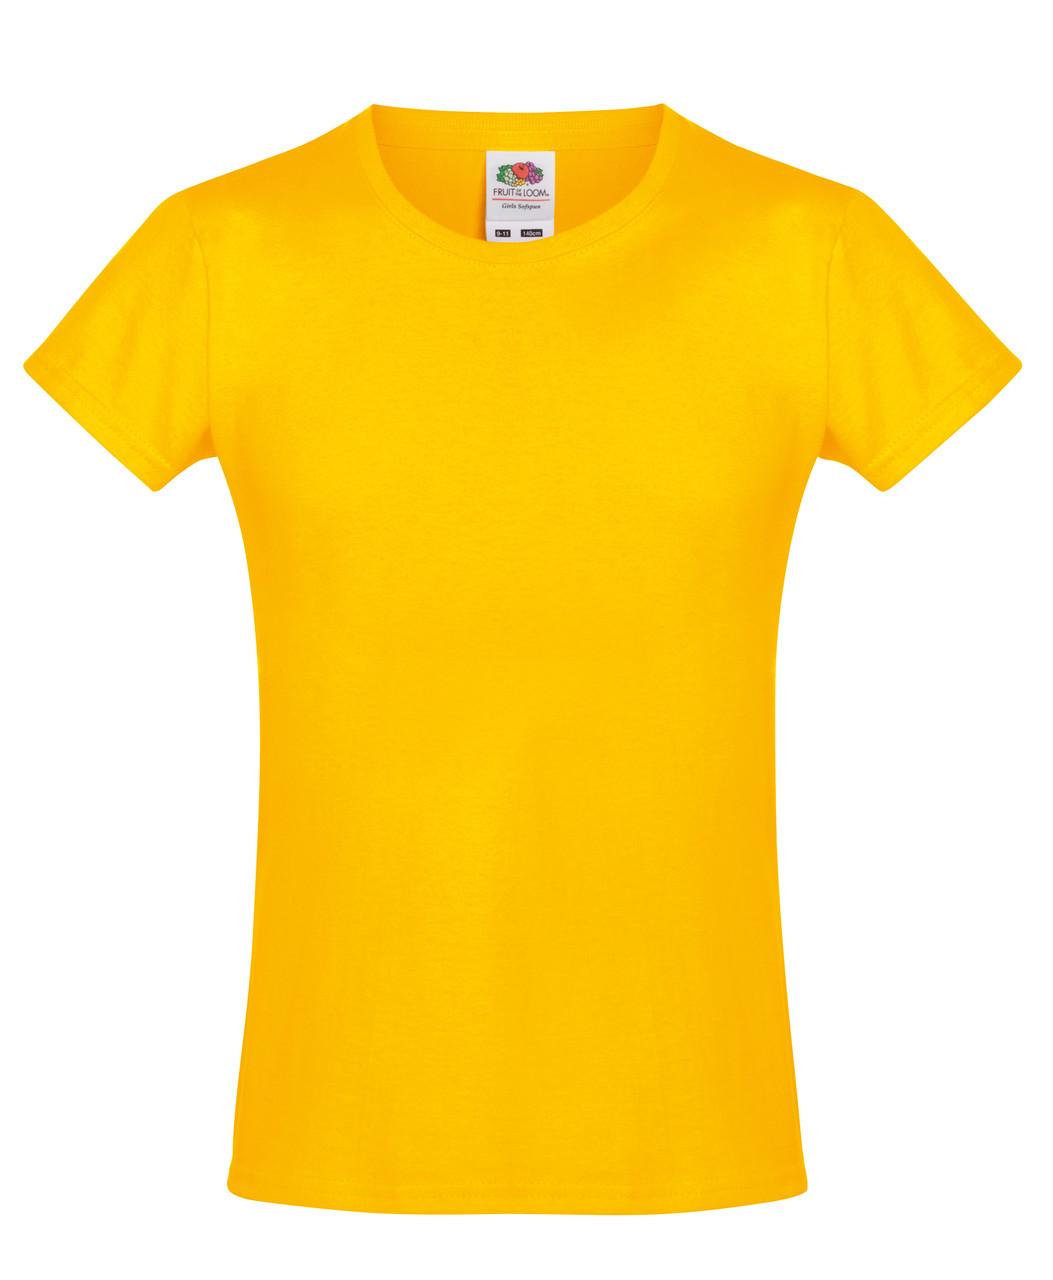 Детская футболка Мягкая для Девочек Солнечно-жёлтая Fruit of the loom 61-017-34 12-13